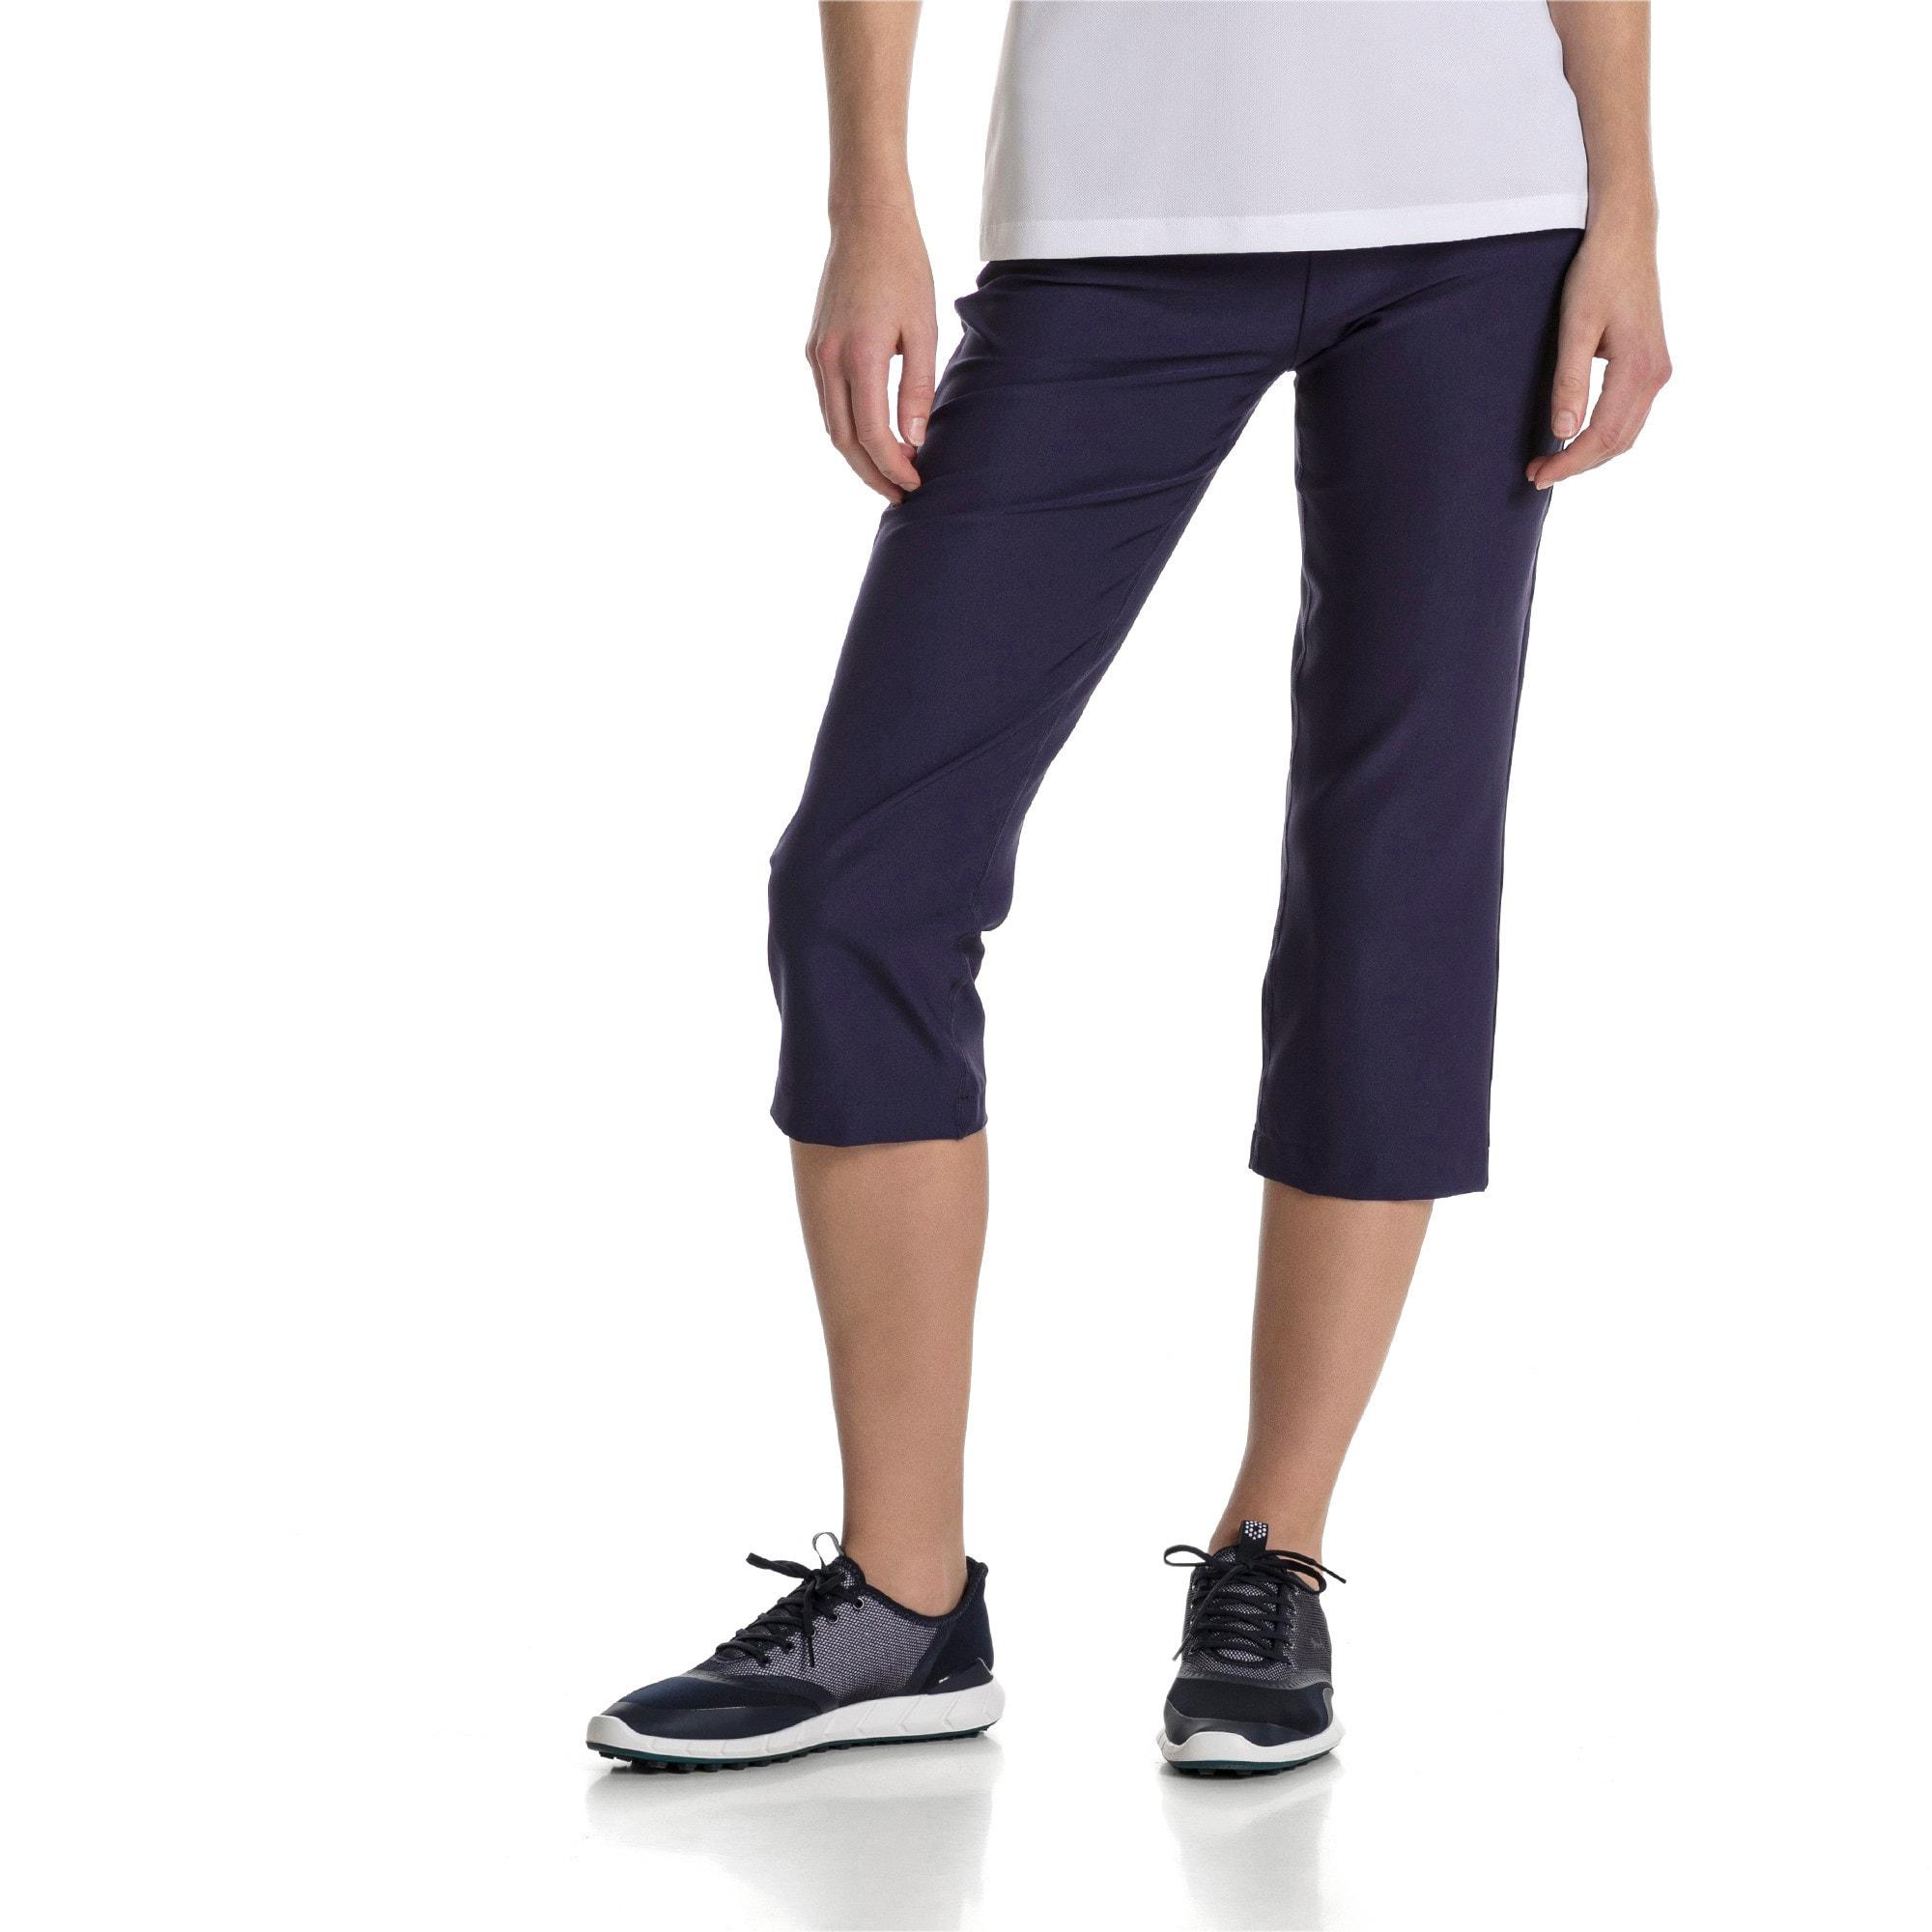 Thumbnail 1 of Golf Women's PWRSHAPE Capri Pants, Peacoat, medium